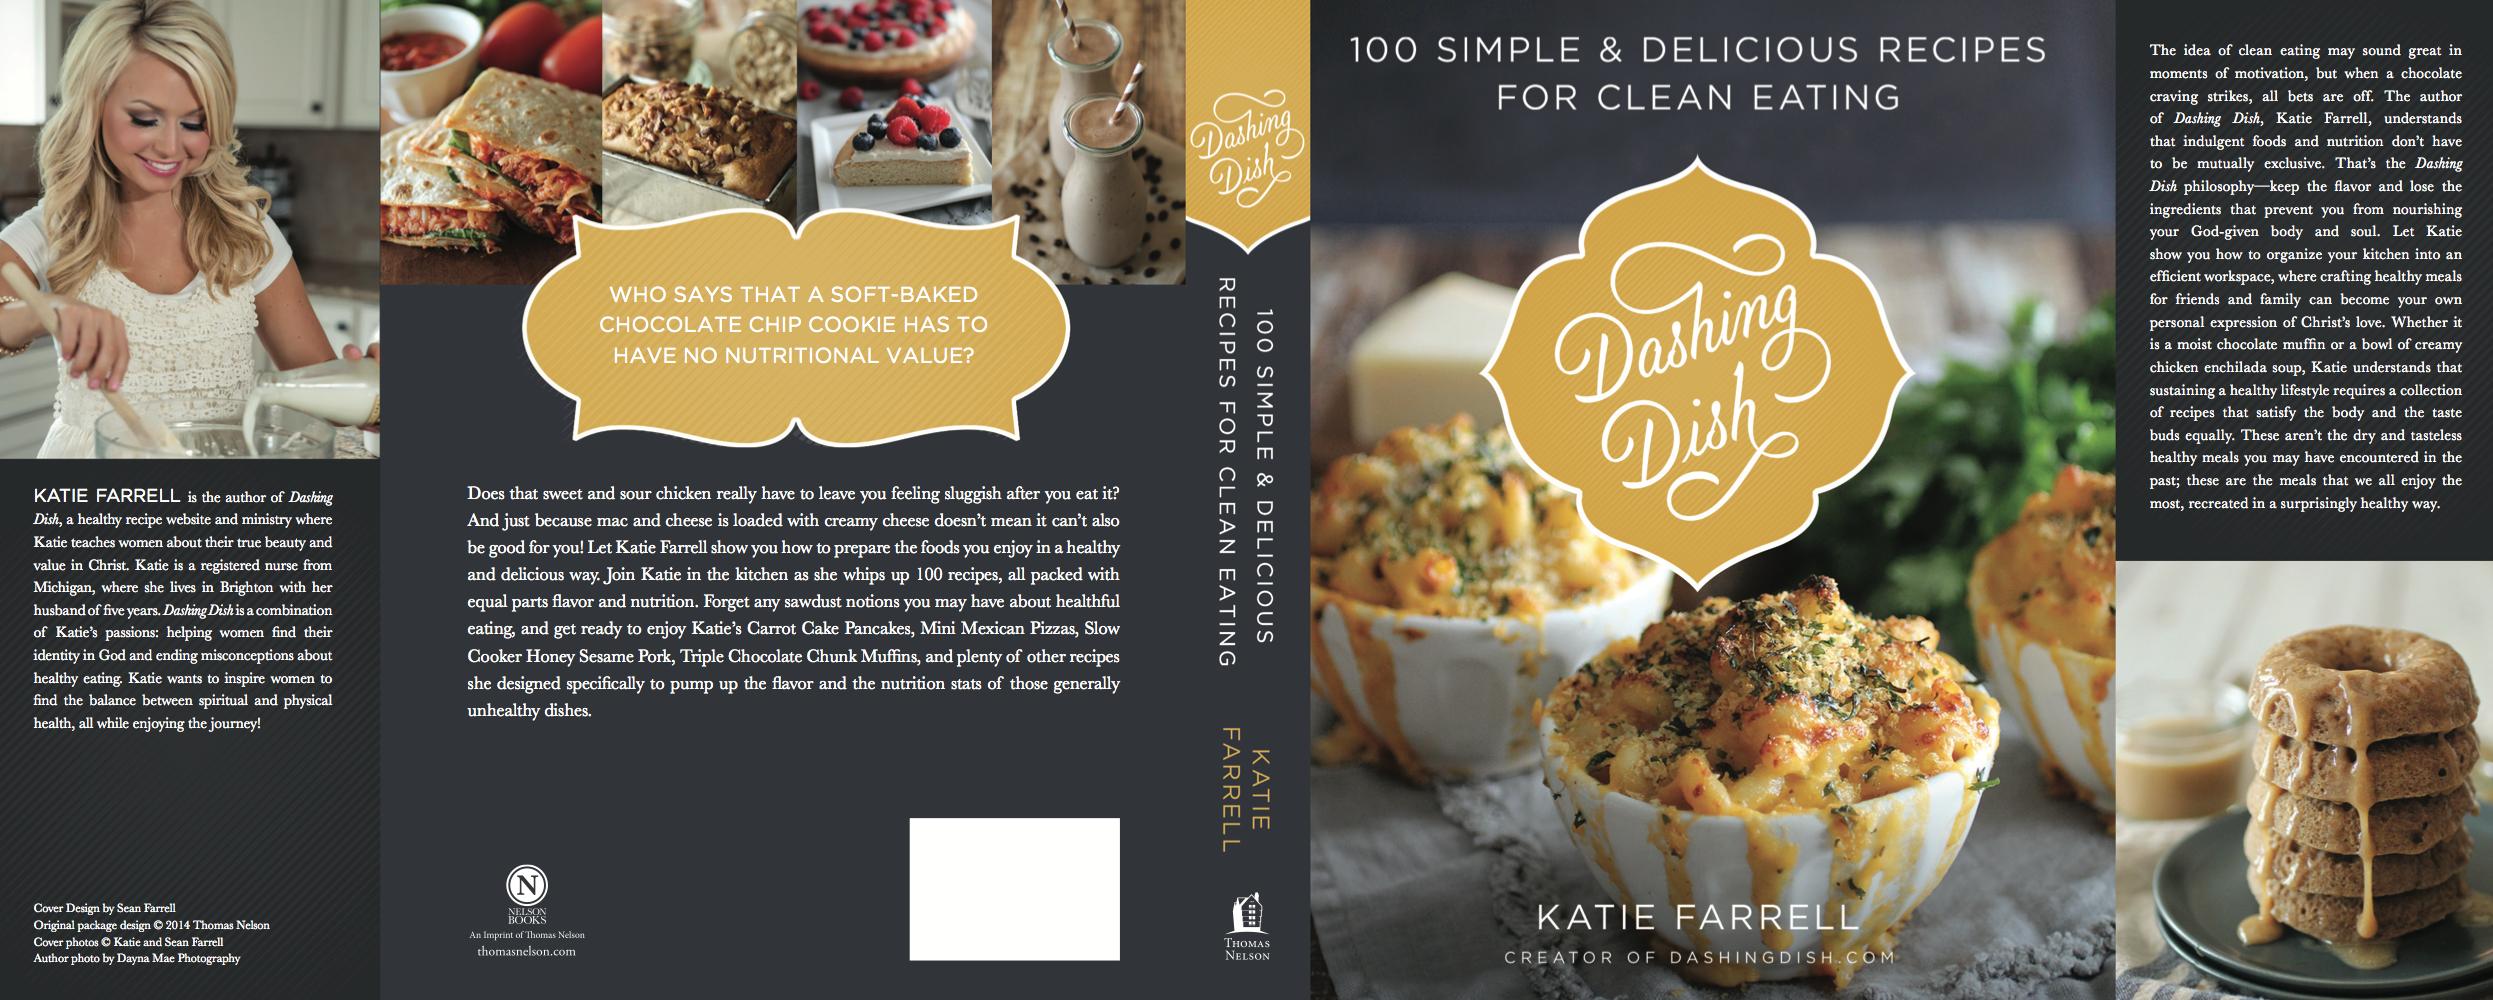 Full cookbook